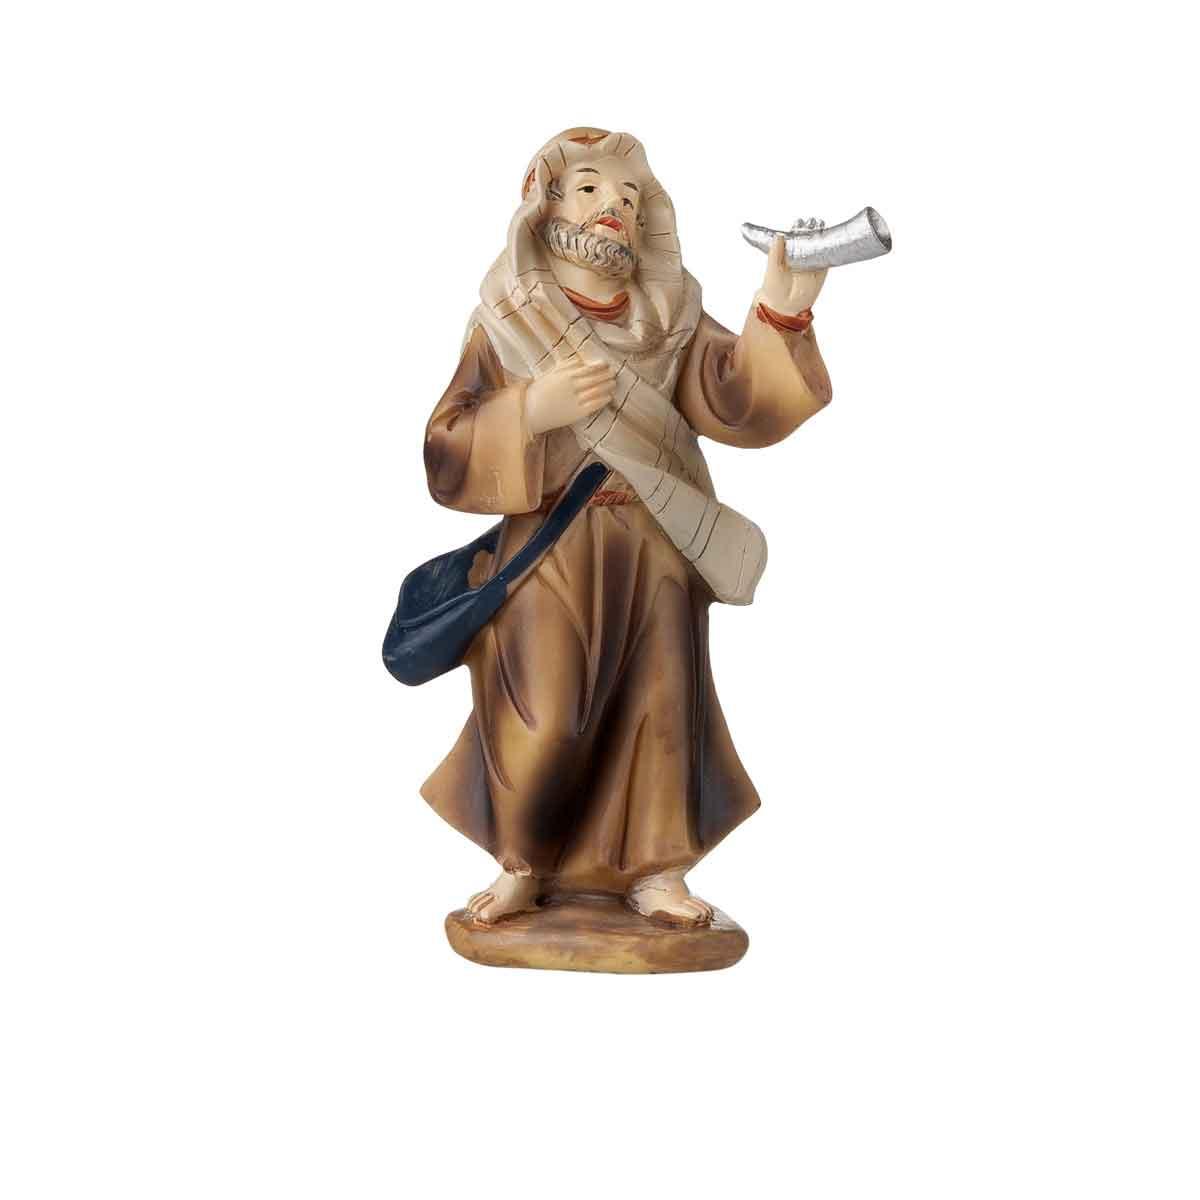 Presepe – Statuetta musicista altezza 12cm